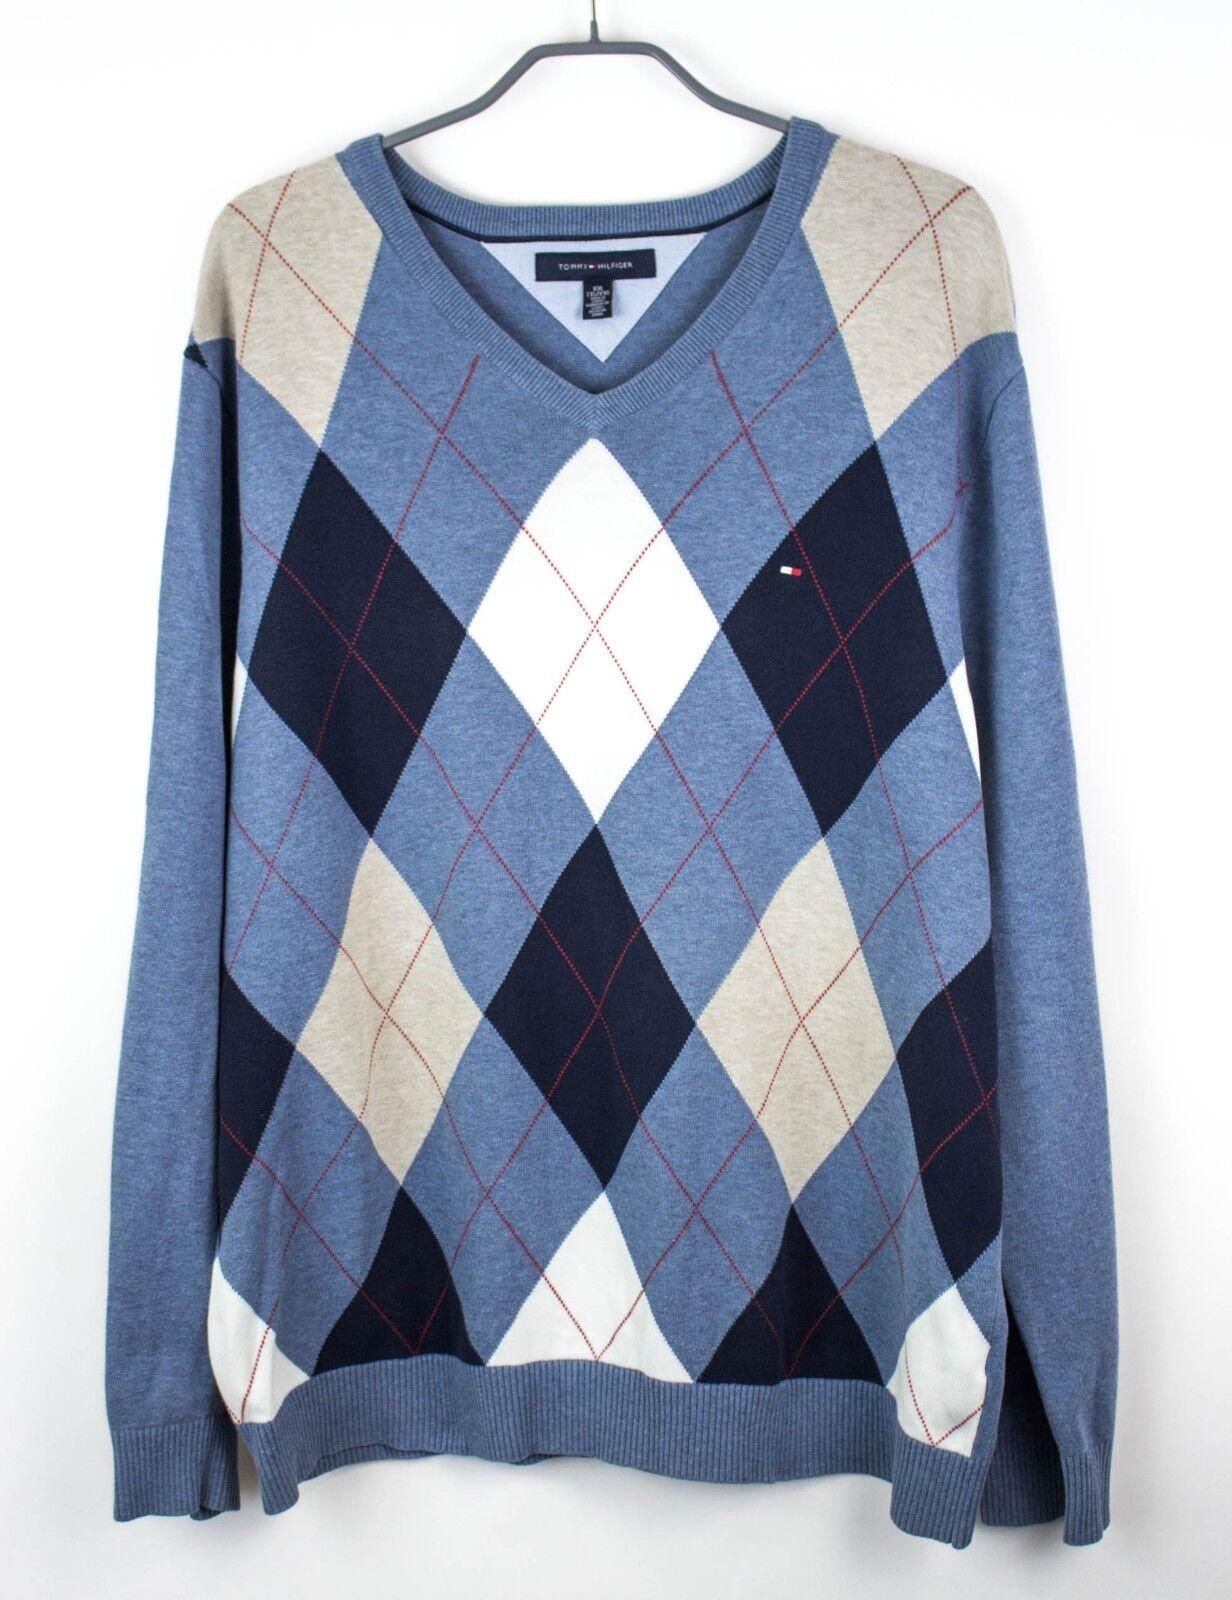 Tommy Hilfiger Herren Pulli V Ausschnitt Pullover Sweatshirt Größe 2XL FZ16